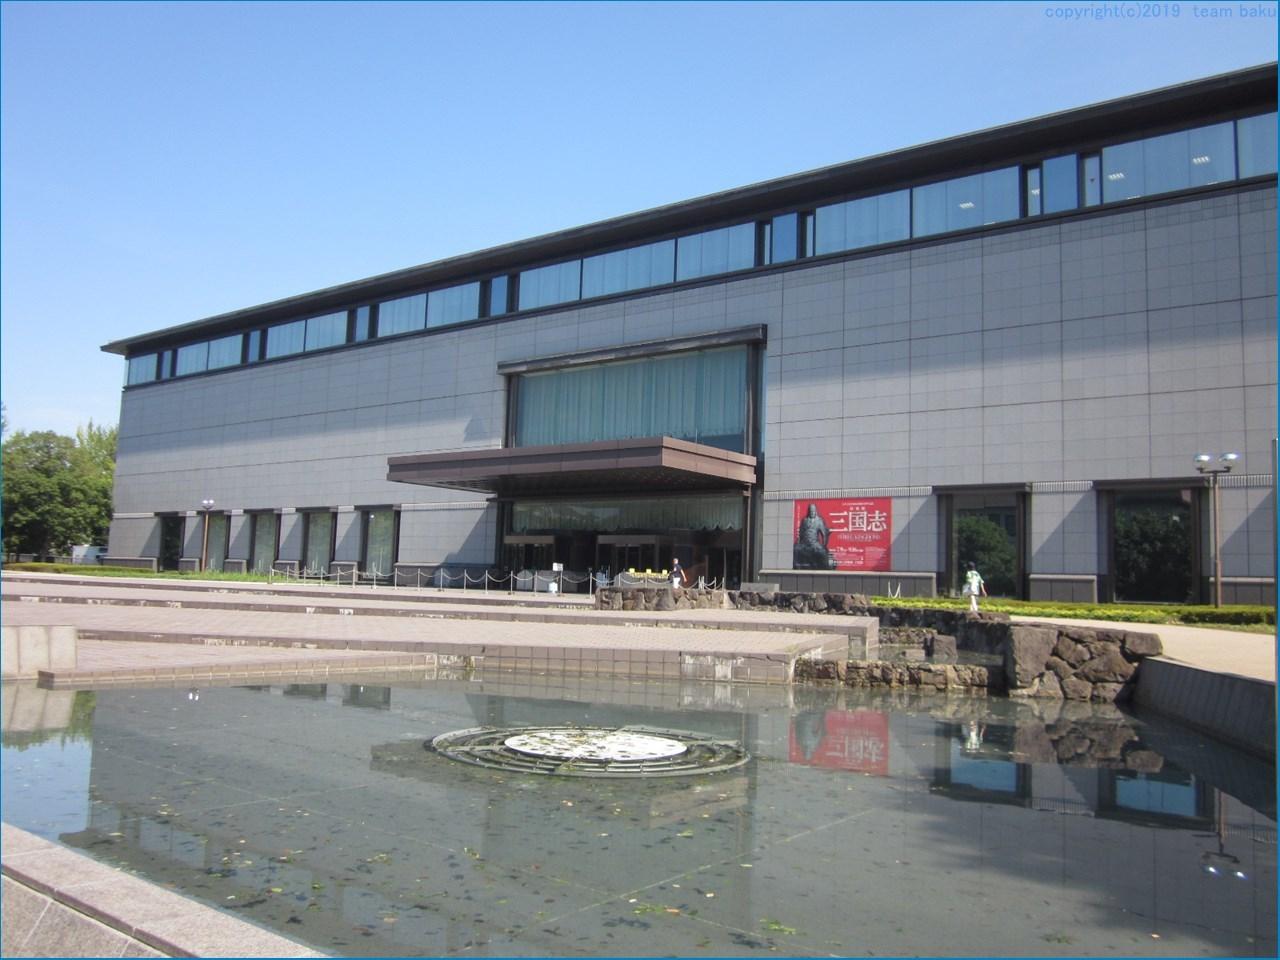 上野公園の近代建築 見学_c0376508_09383859.jpg